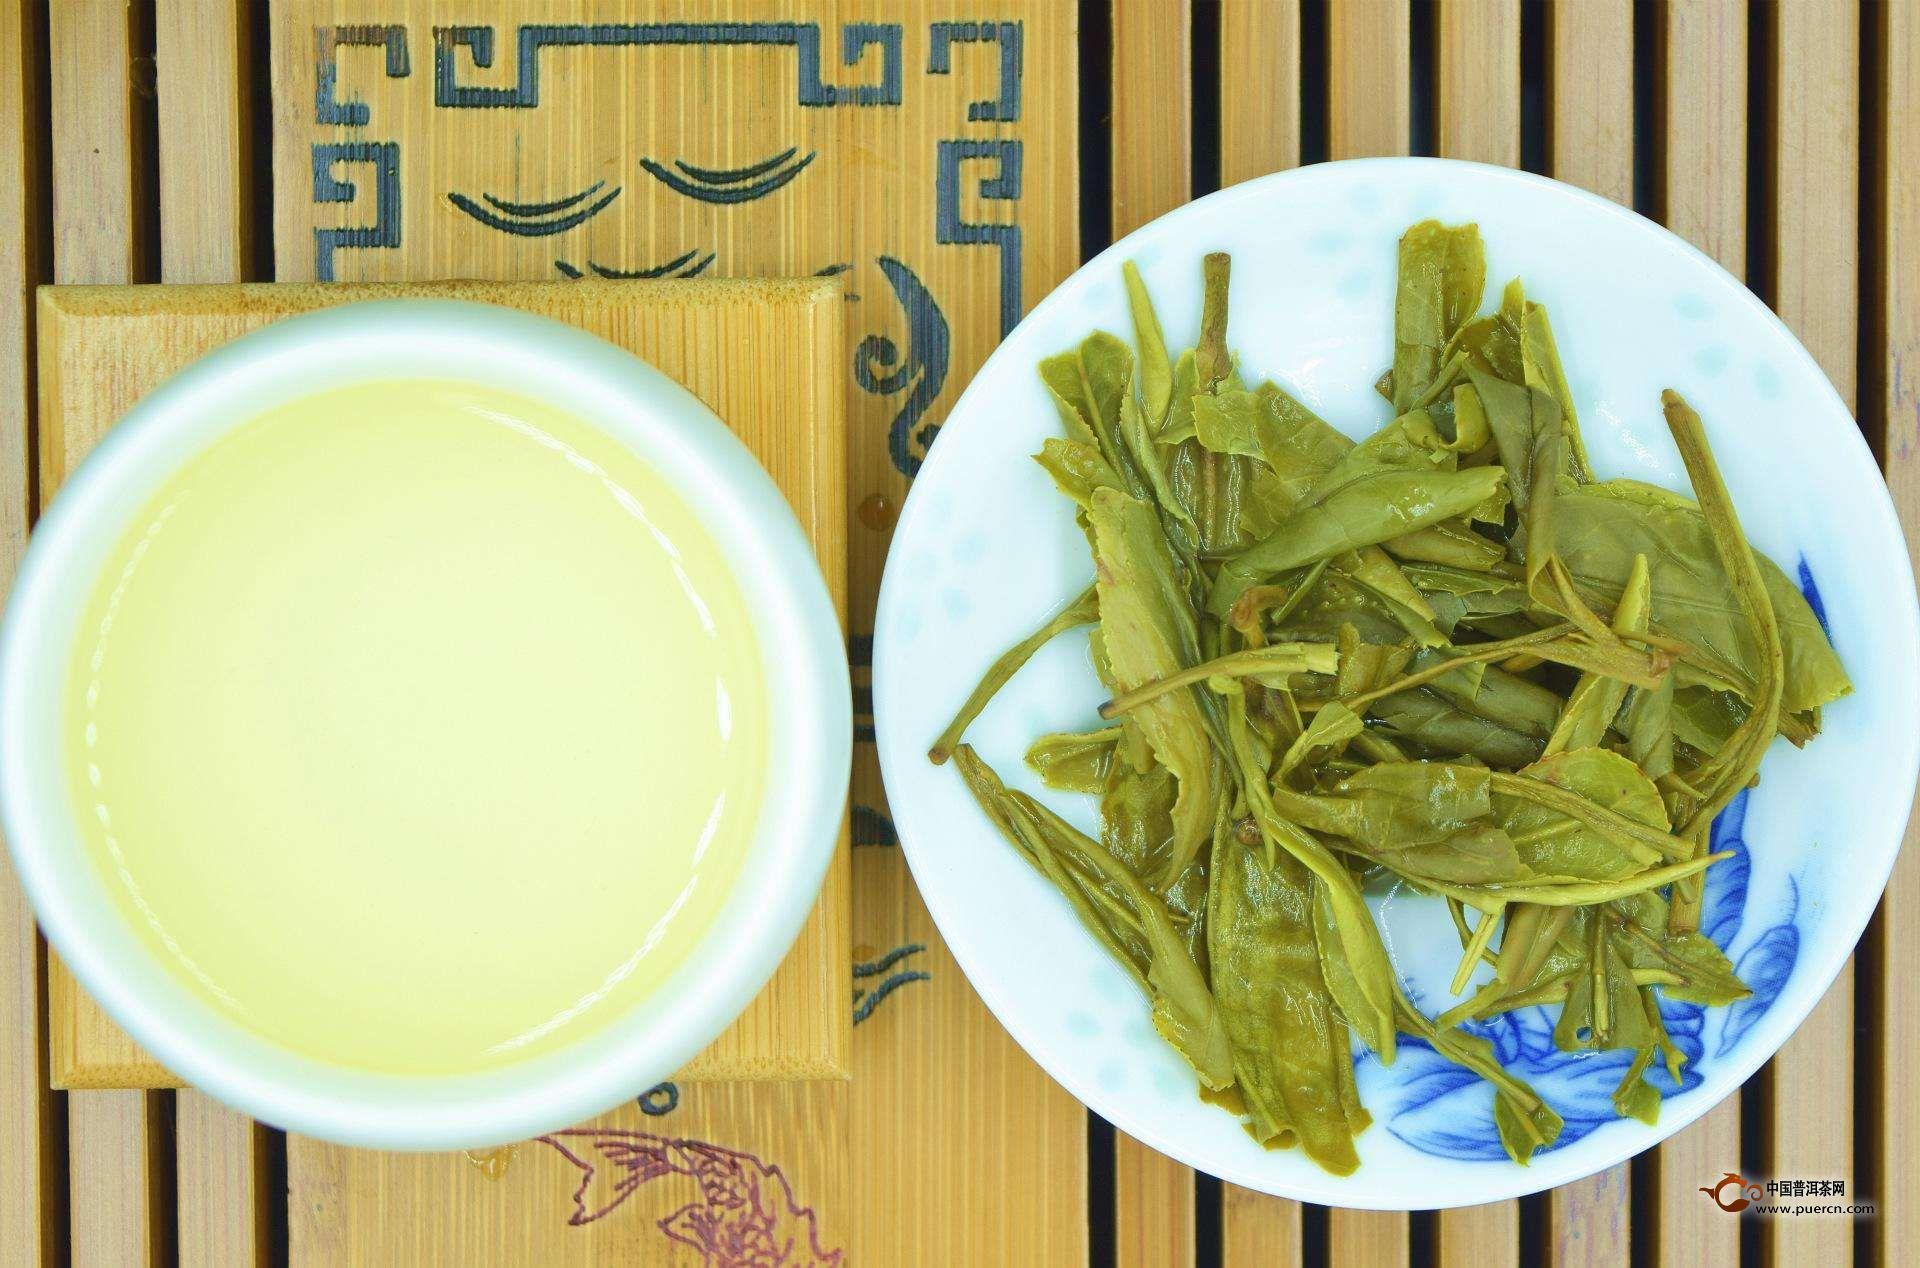 如何分辨龙井茶的品质好坏